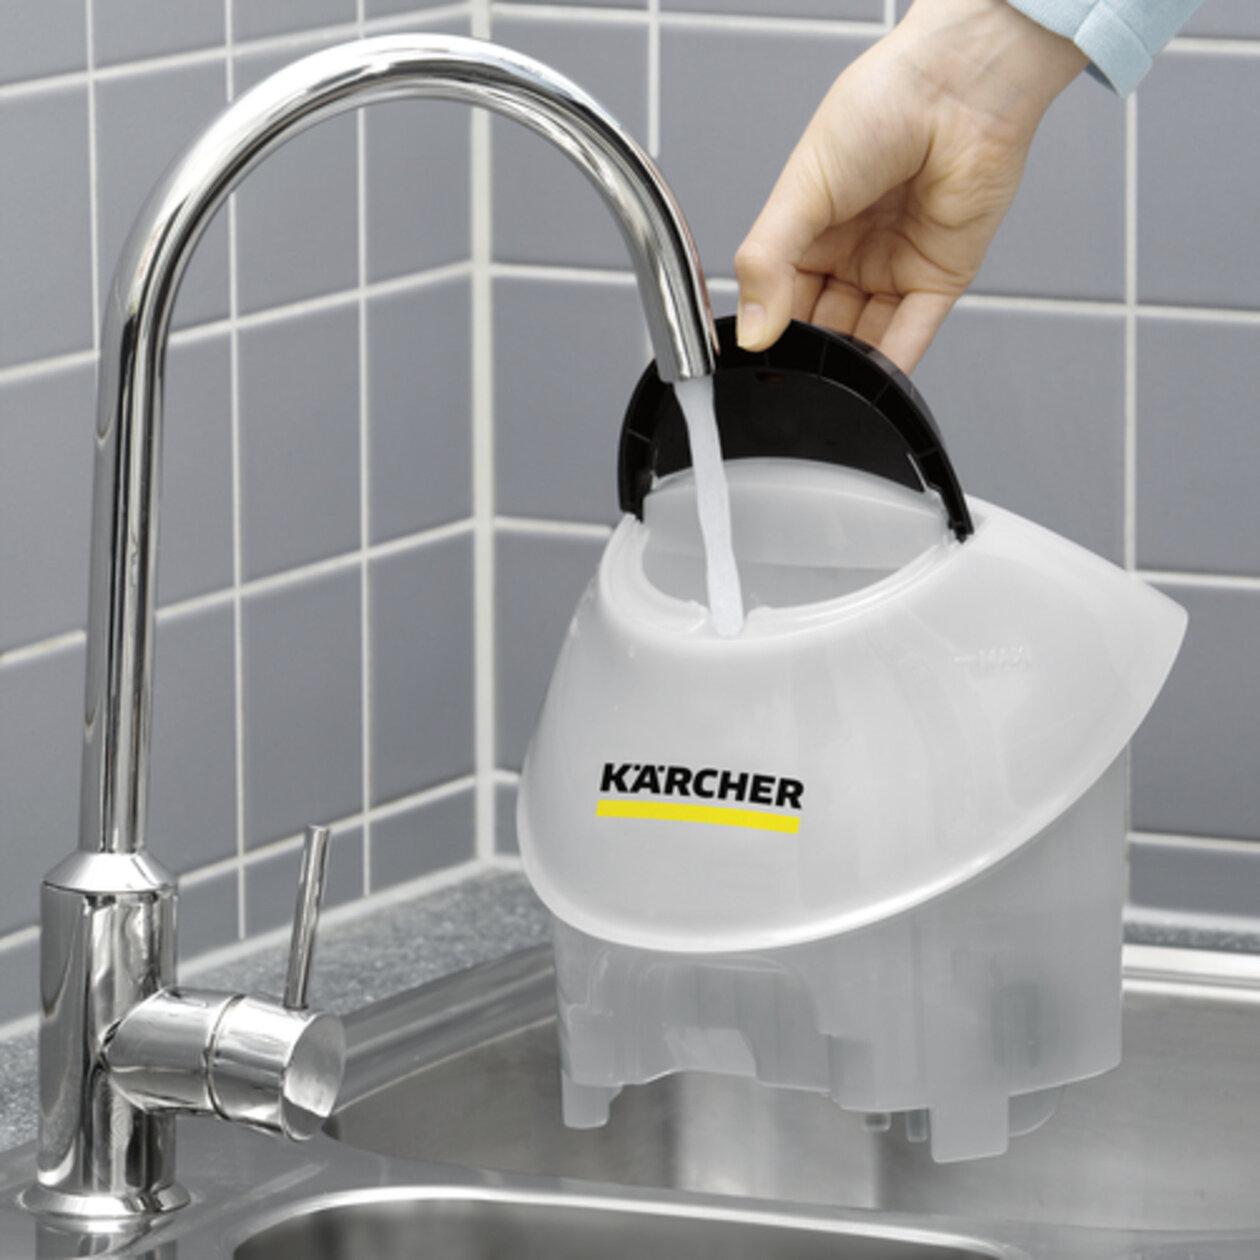 SC 5 EasyFix Premium: Свалящ се резервоар за вода с възможност за пълнене по всяко време